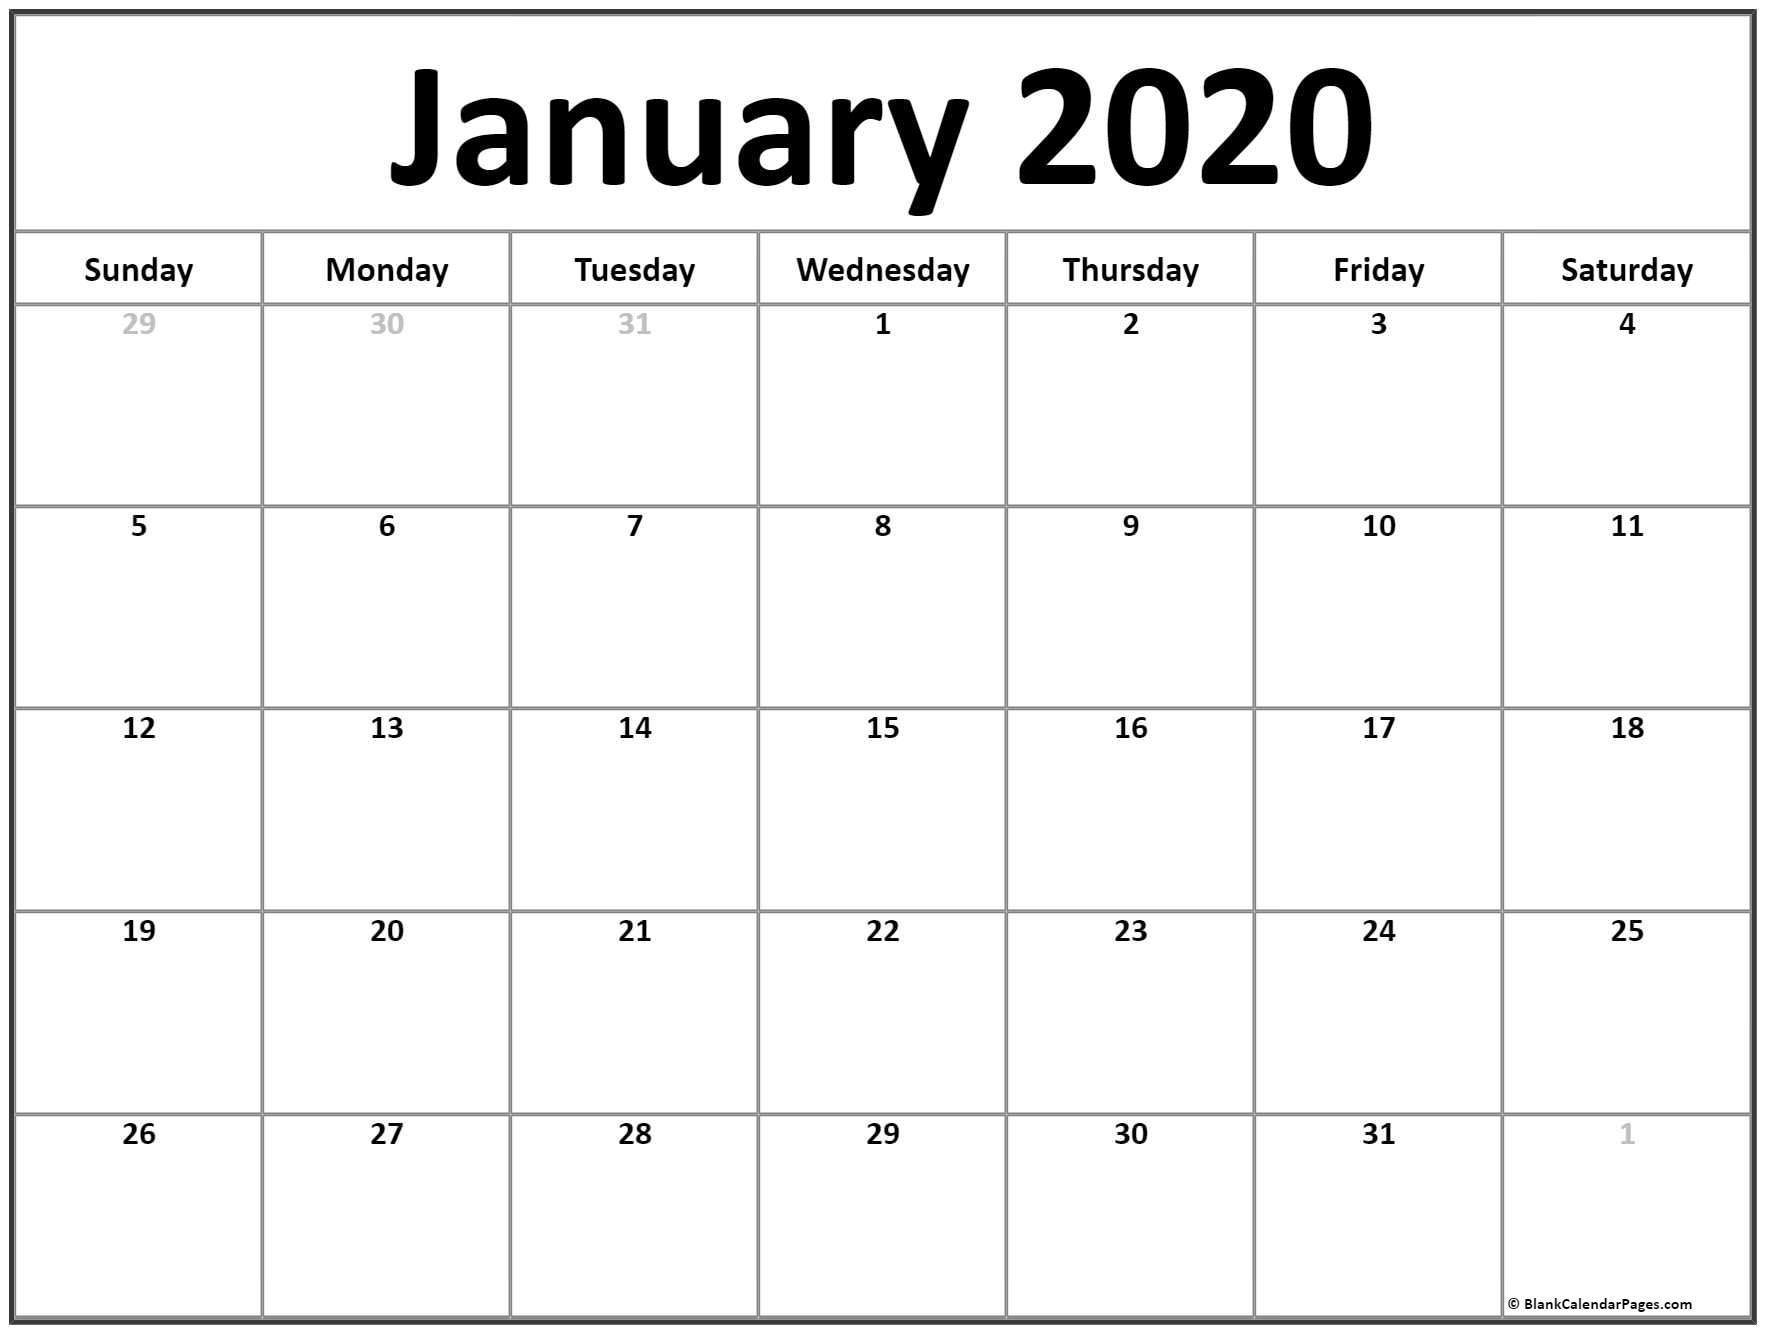 Free January 2020 Printable Calendar - Create Your Editable-January 2020 Daily Calendar